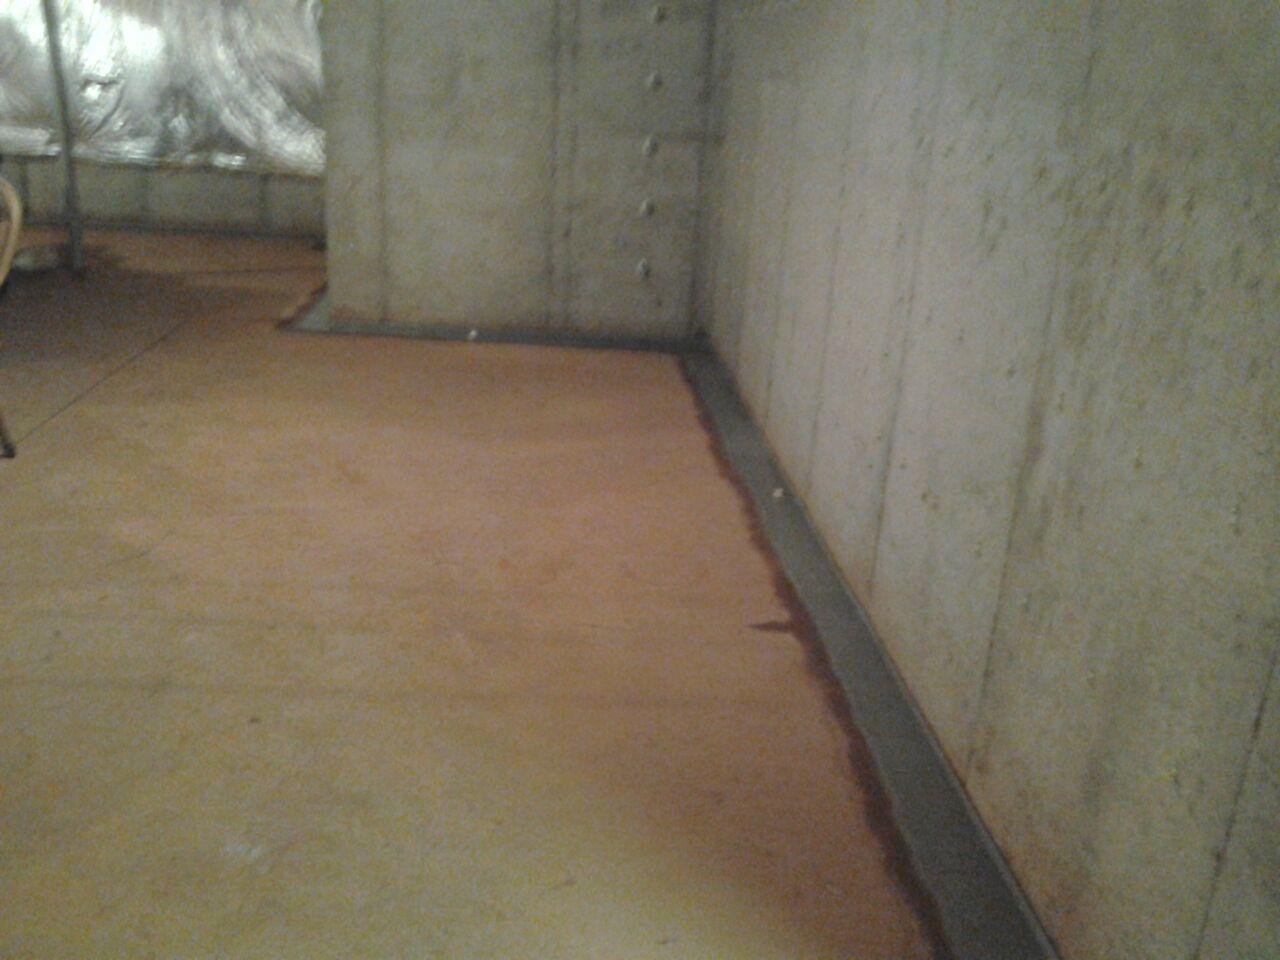 basement waterproofing leak repair in rochester ny basement